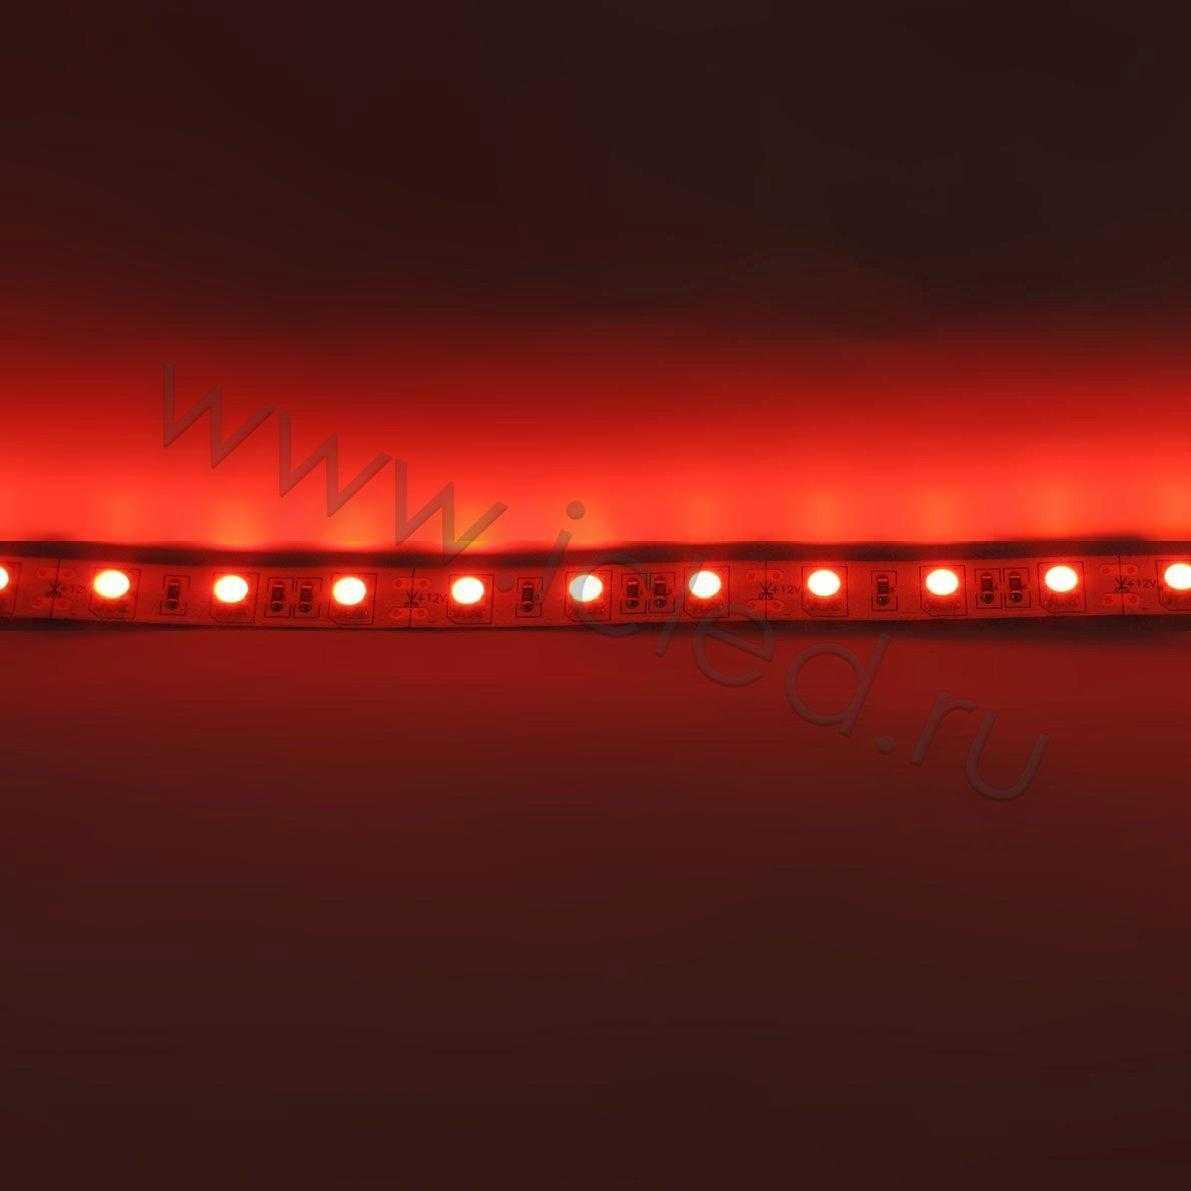 Светодиодная лента Econom class, 5050, 60led/m, Red, 12V, IP33